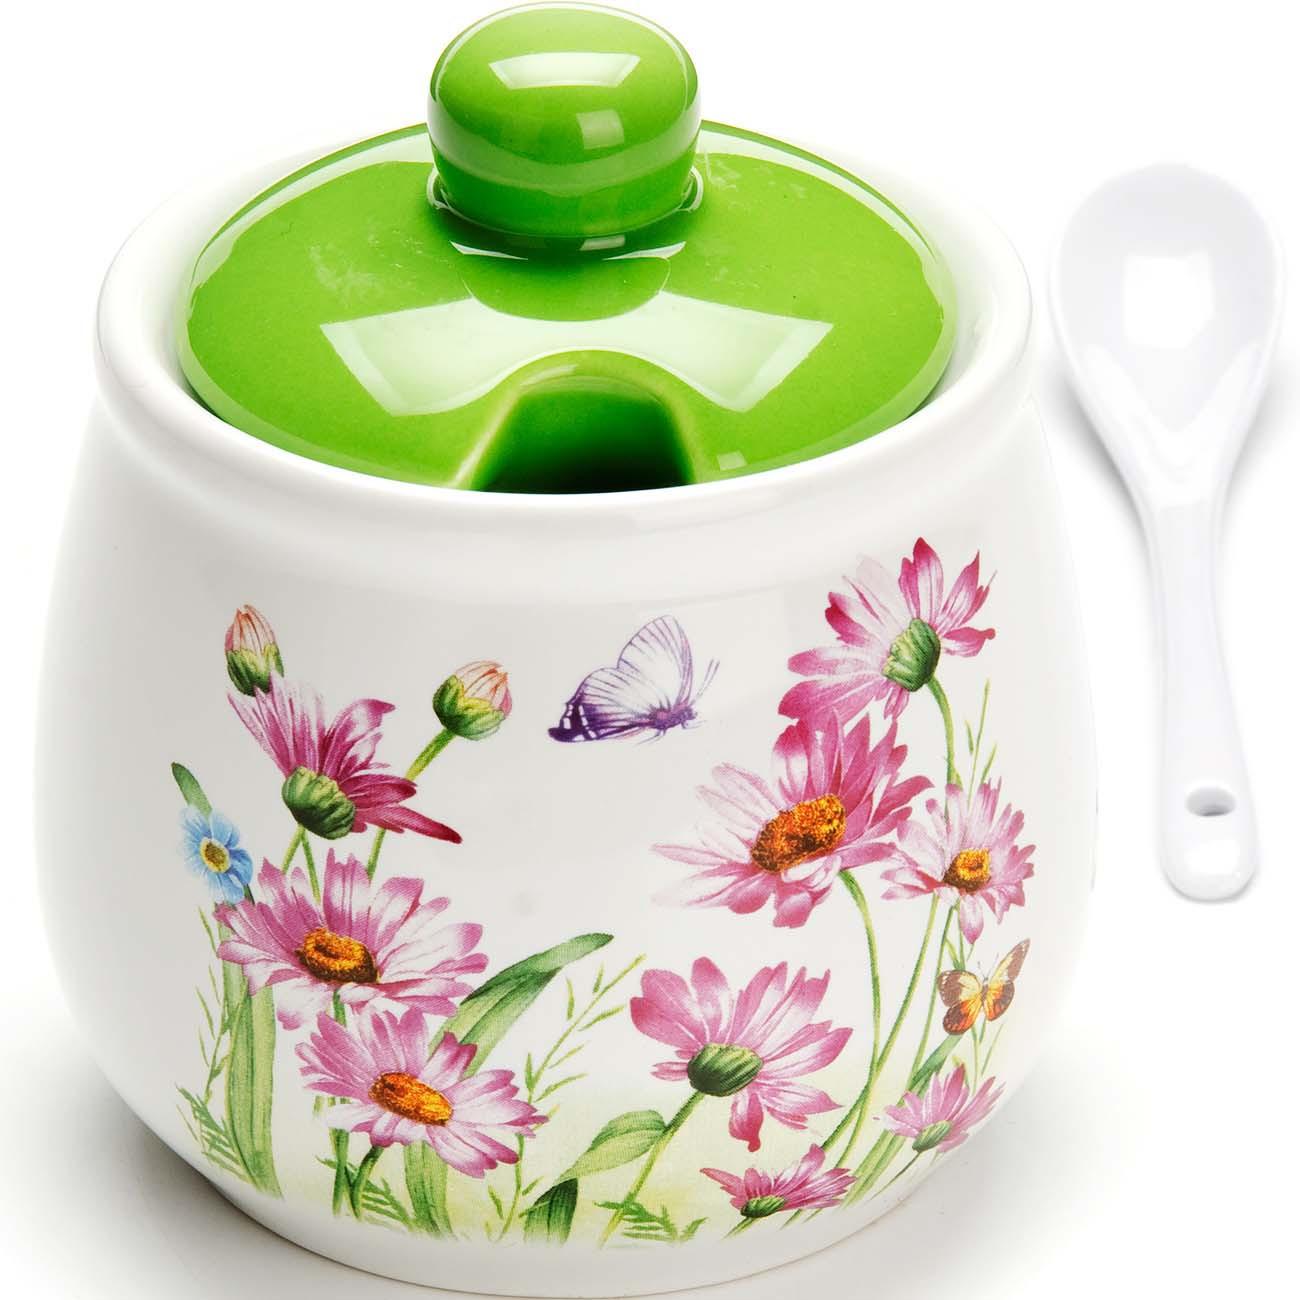 """Сахарница Loraine """"Цветы"""", цвет: белый, зеленый, розовый, 380 мл. 73436"""